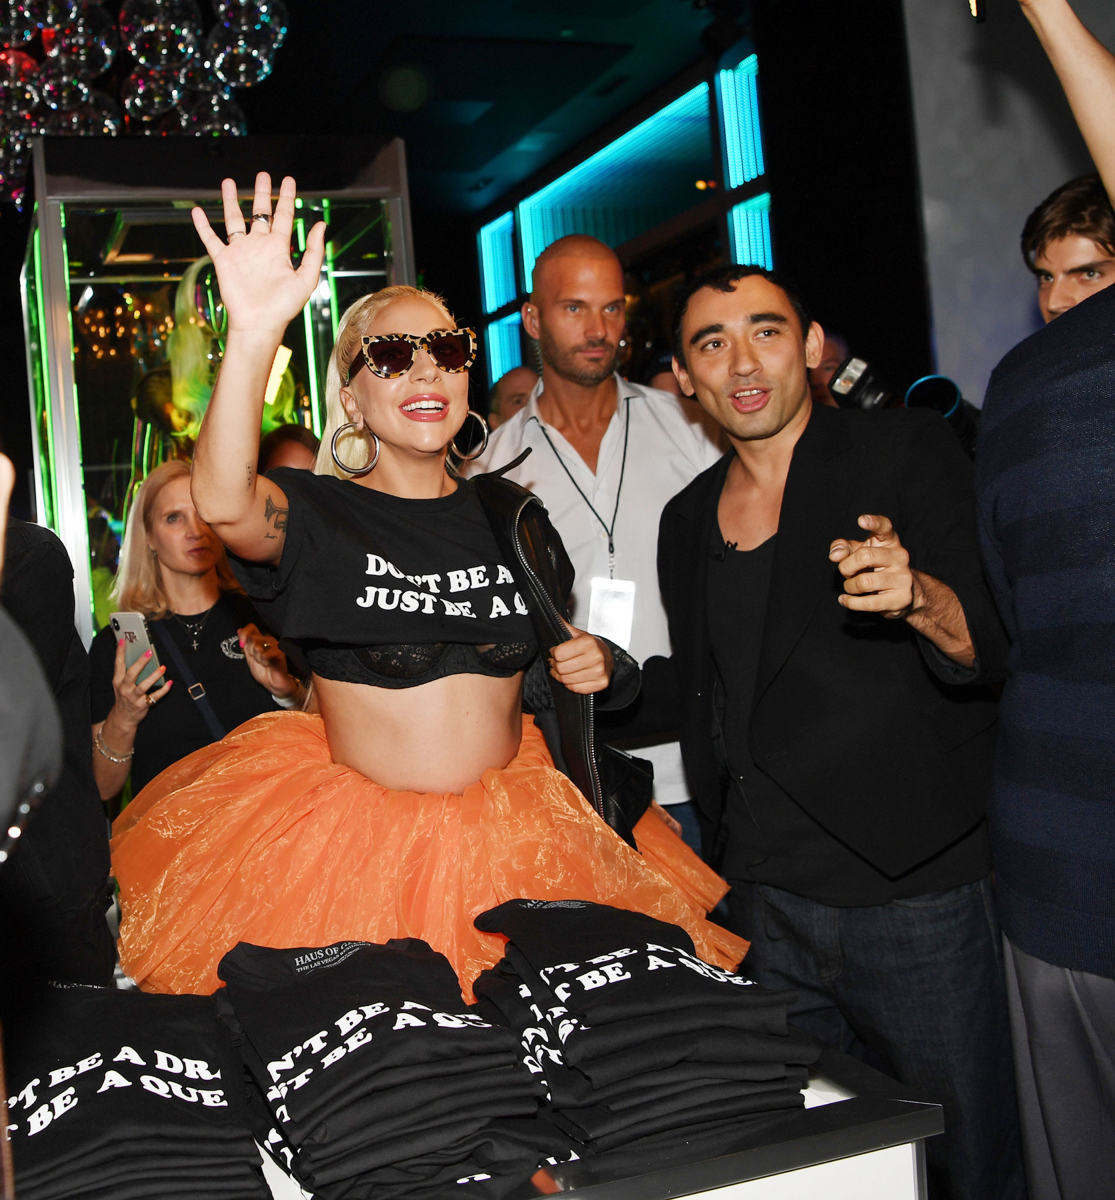 ⑦あの「肉ドレス」もラインアップ! ファン注目の衣装展にガガ本人も登場し、ファン大騒ぎ